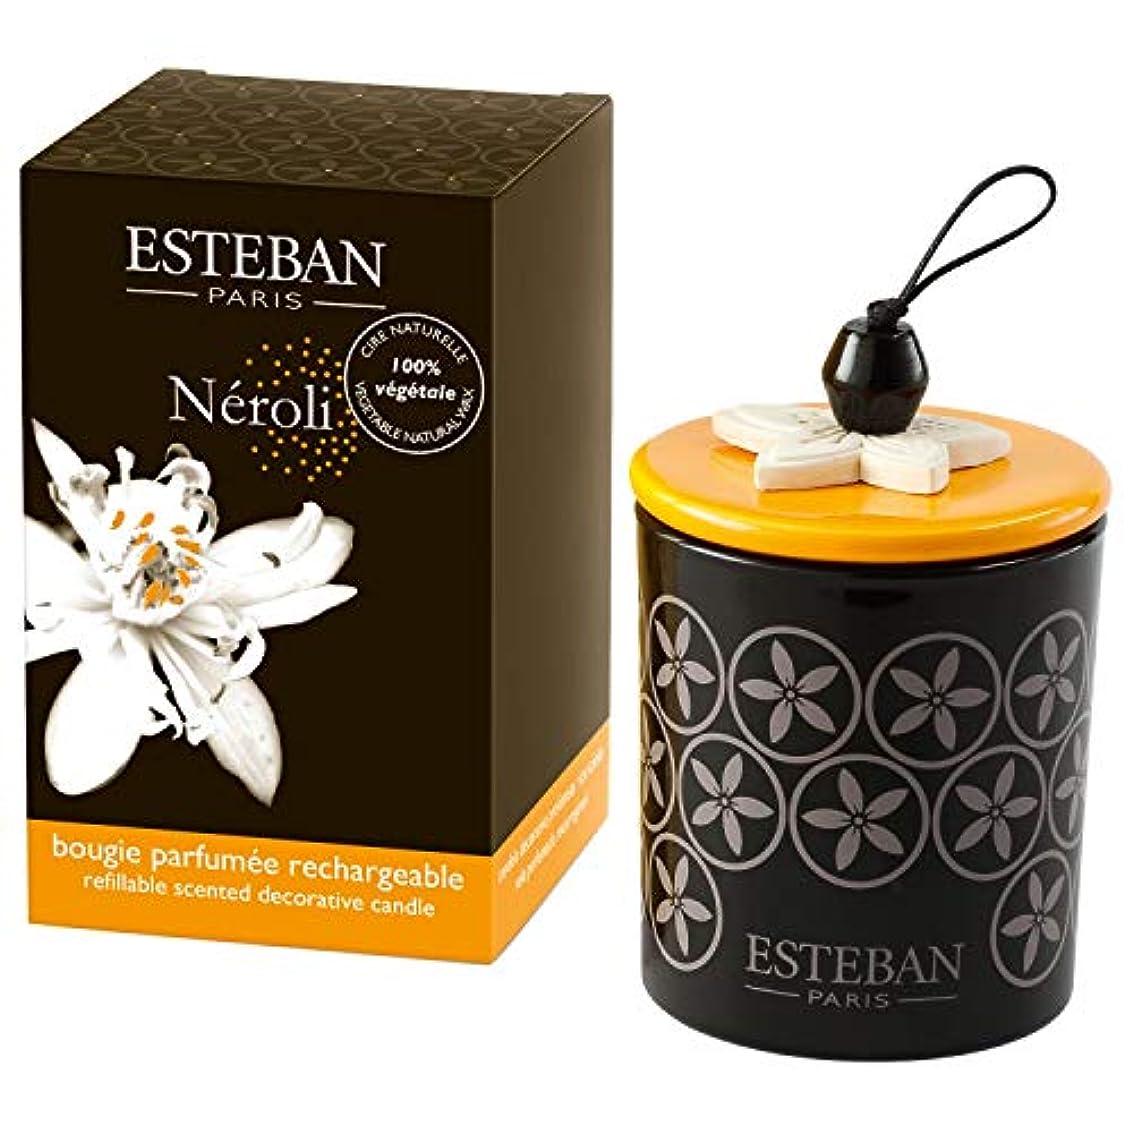 前置詞ダウンマーキー[Esteban ] エステバン?ネロリの香りに装飾キャンドル170グラム - Esteban Neroli Scented Decorated Candle 170g [並行輸入品]